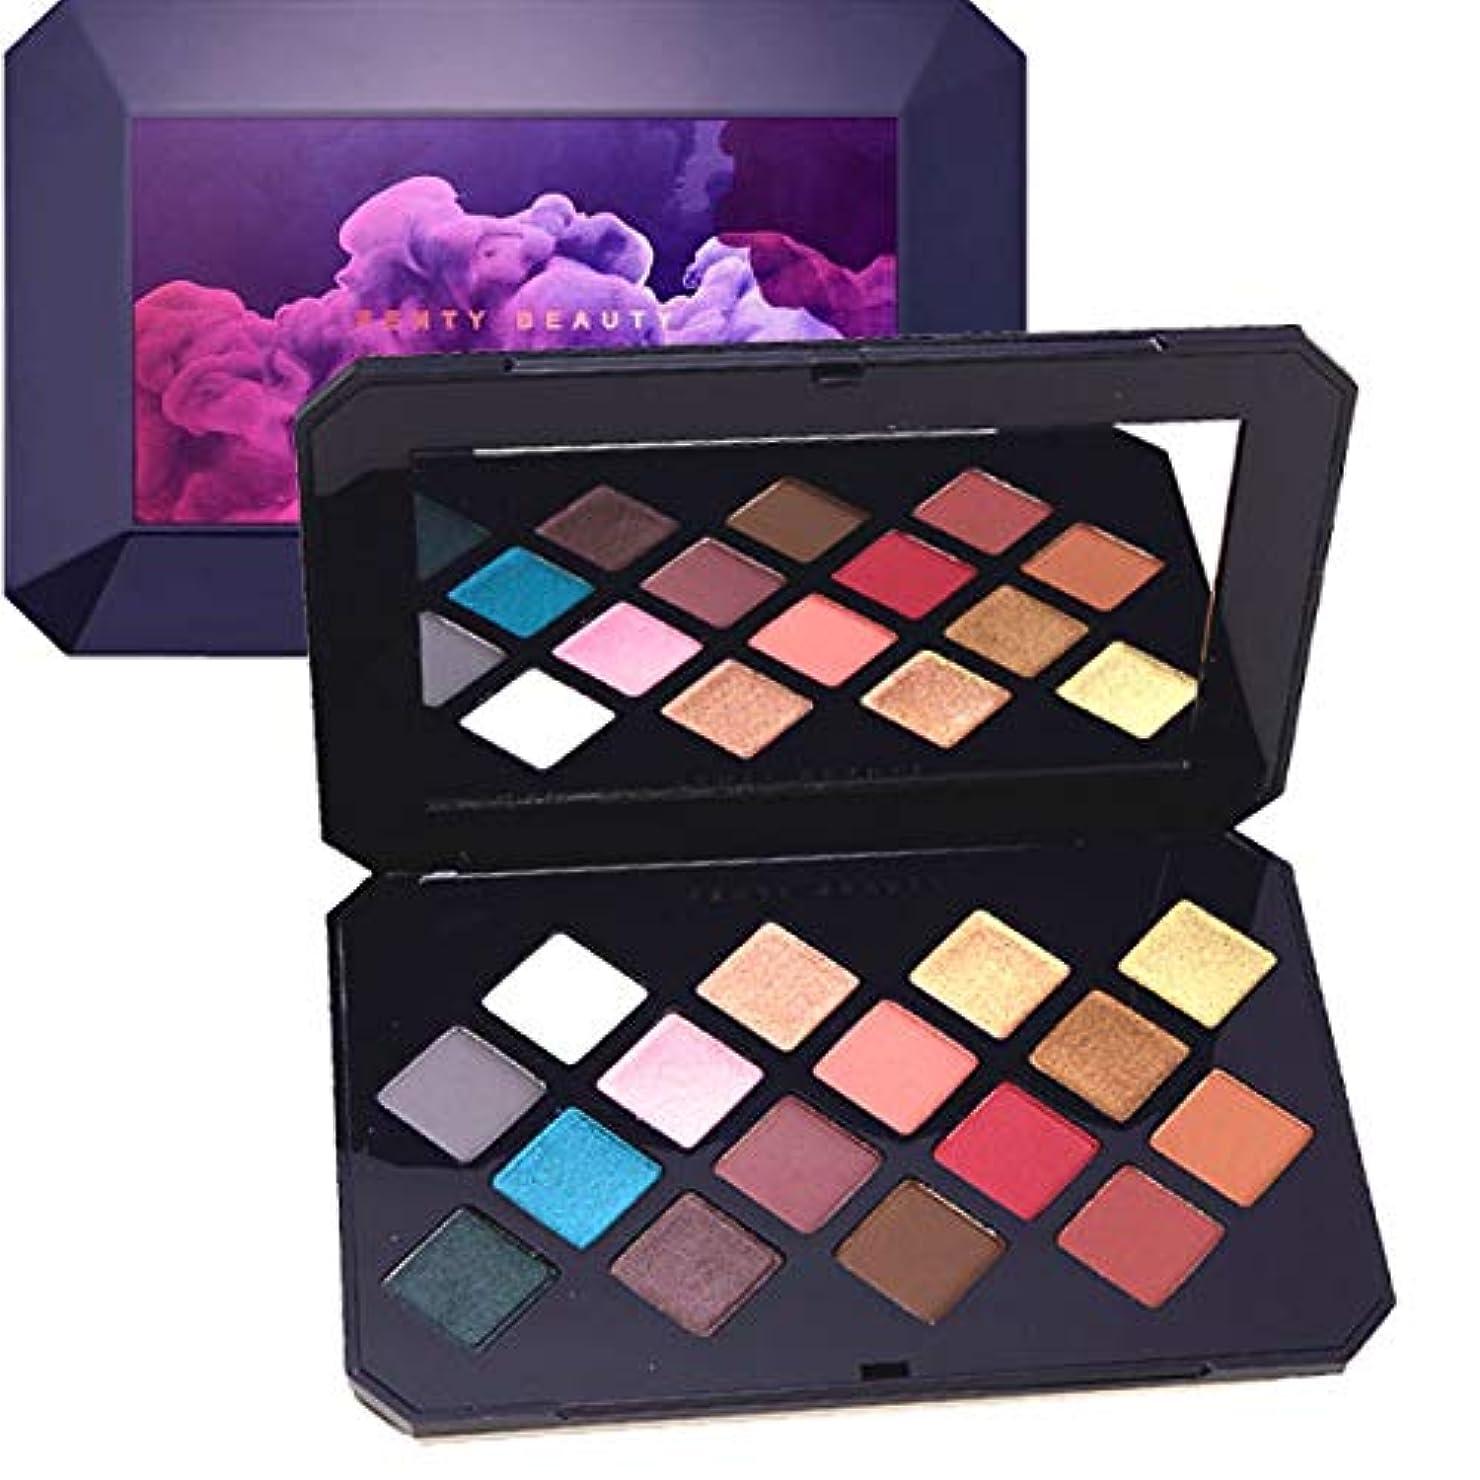 FENTY BEAUTY BY RIHANNA Moroccan Spice Eyeshadow Palette [海外直送品] [並行輸入品]